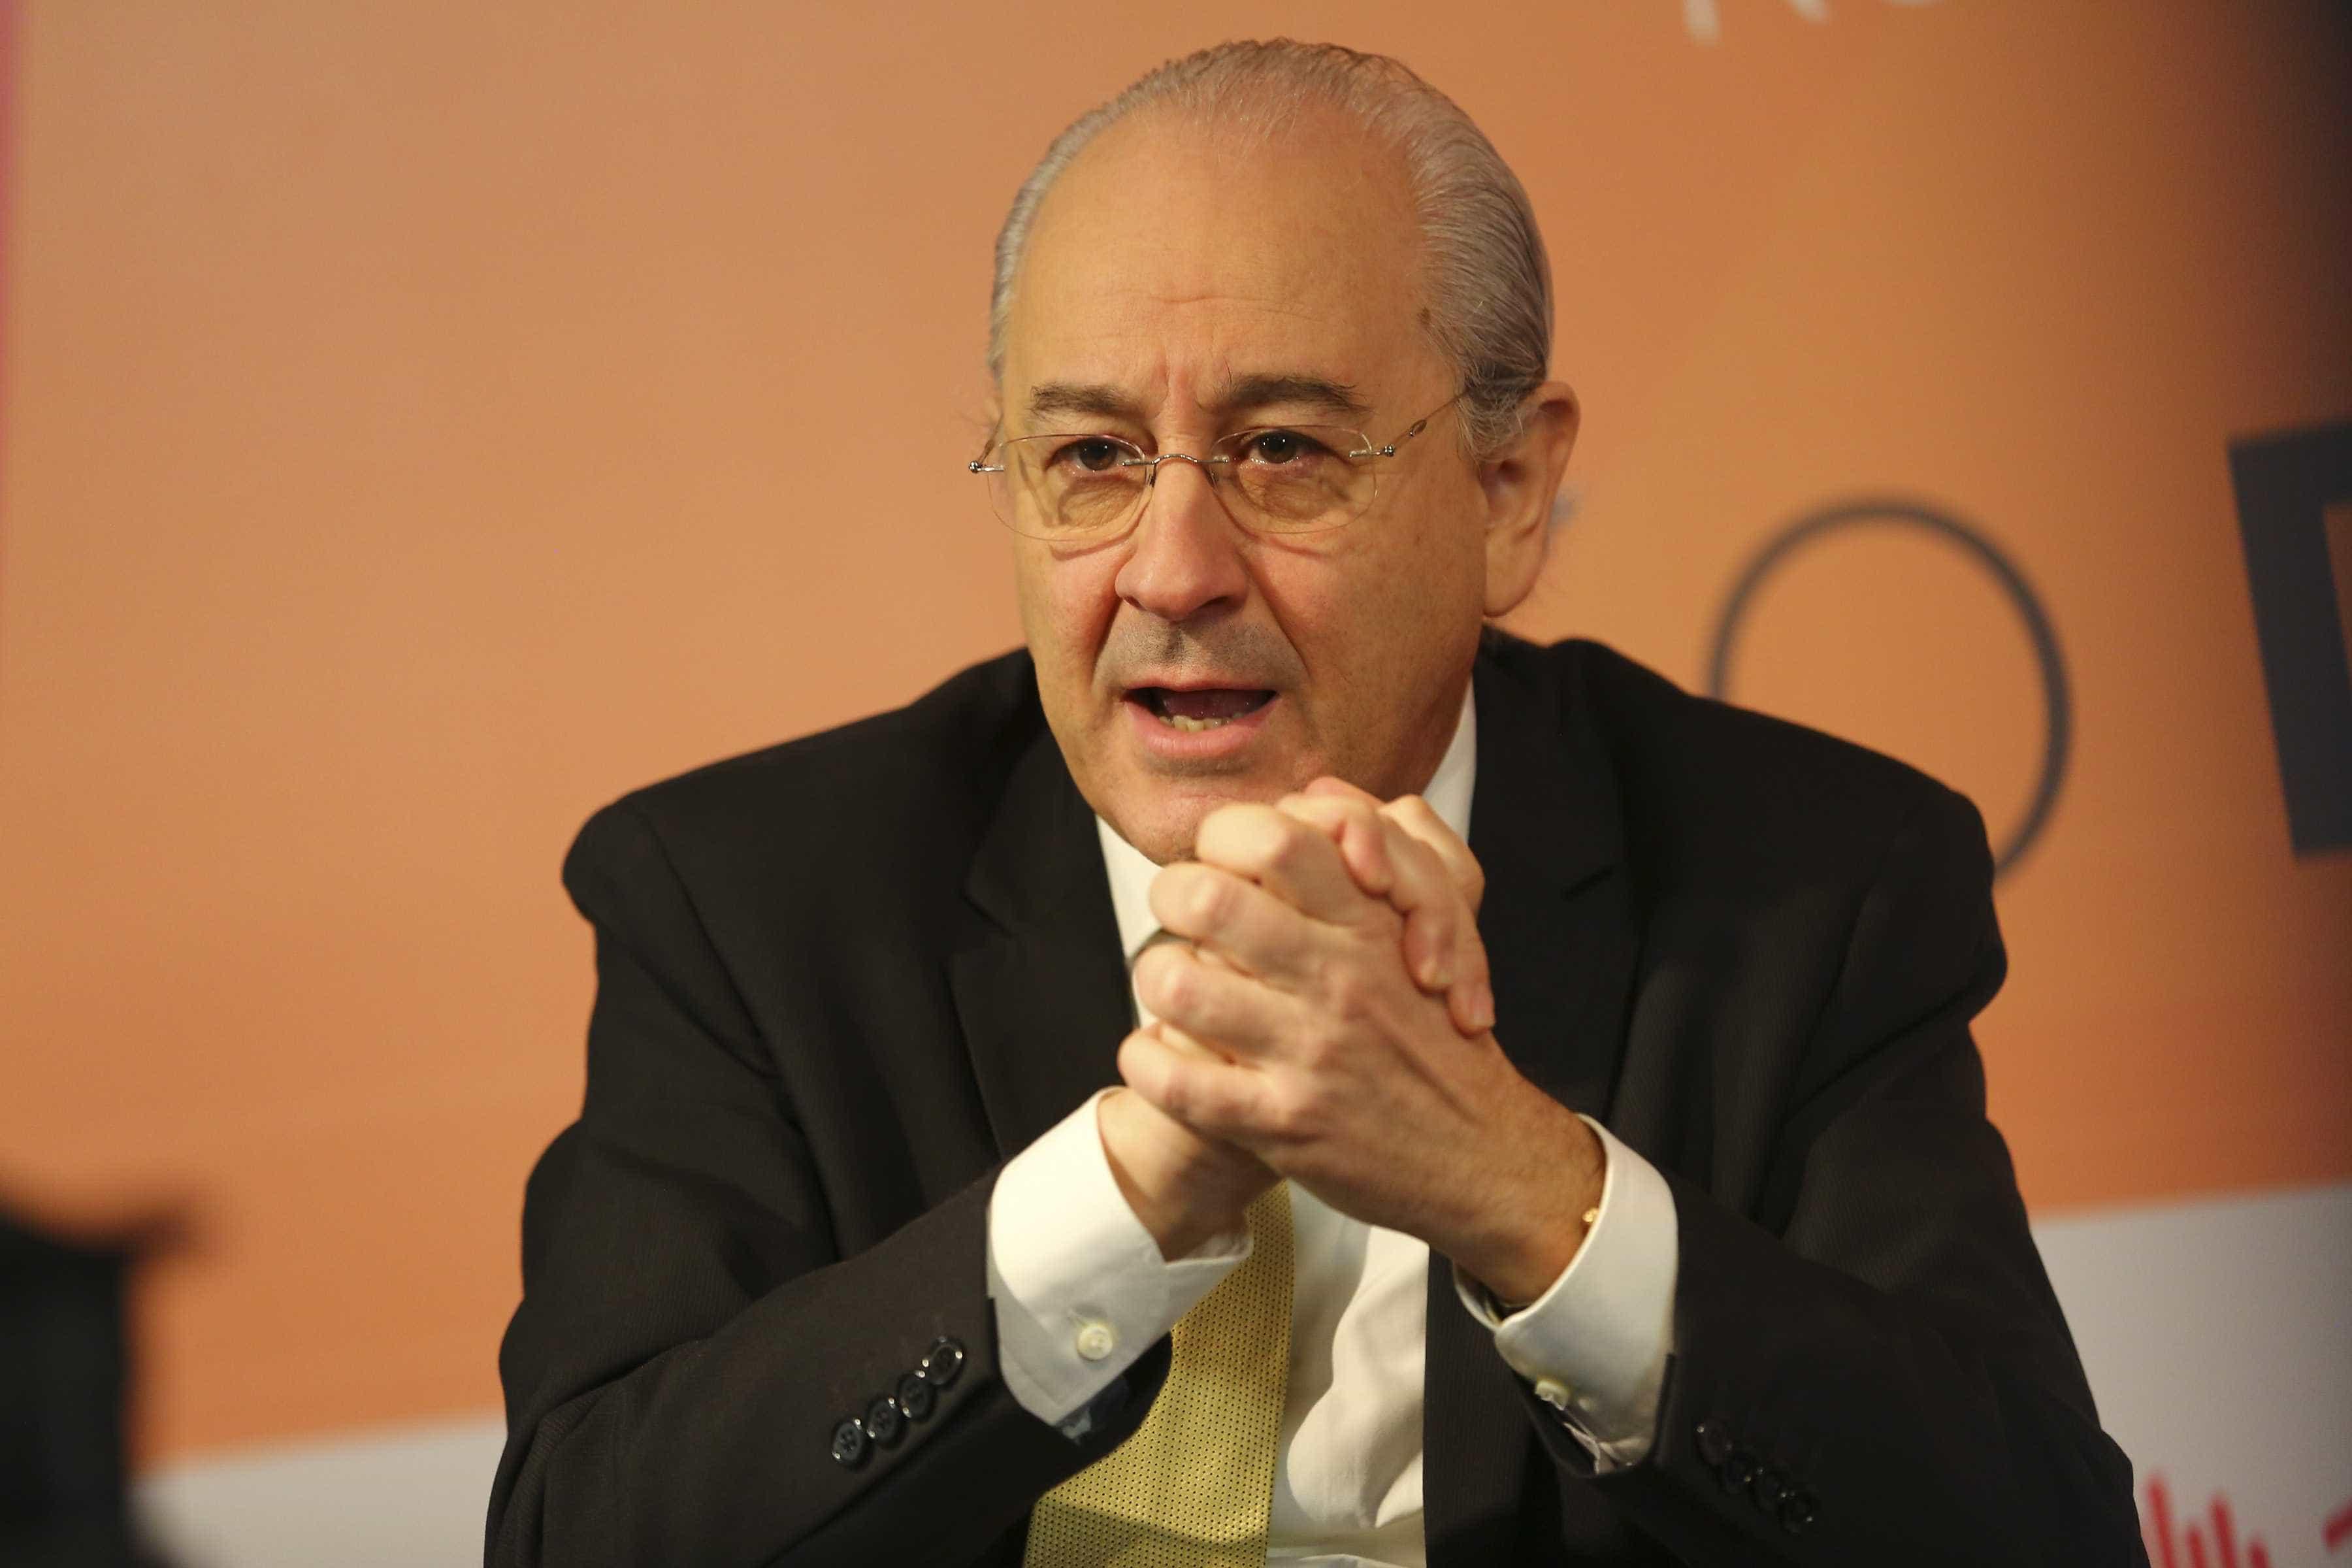 """PSD deve decidir cenário pós-eleitoral """"em função do melhor para o país"""""""